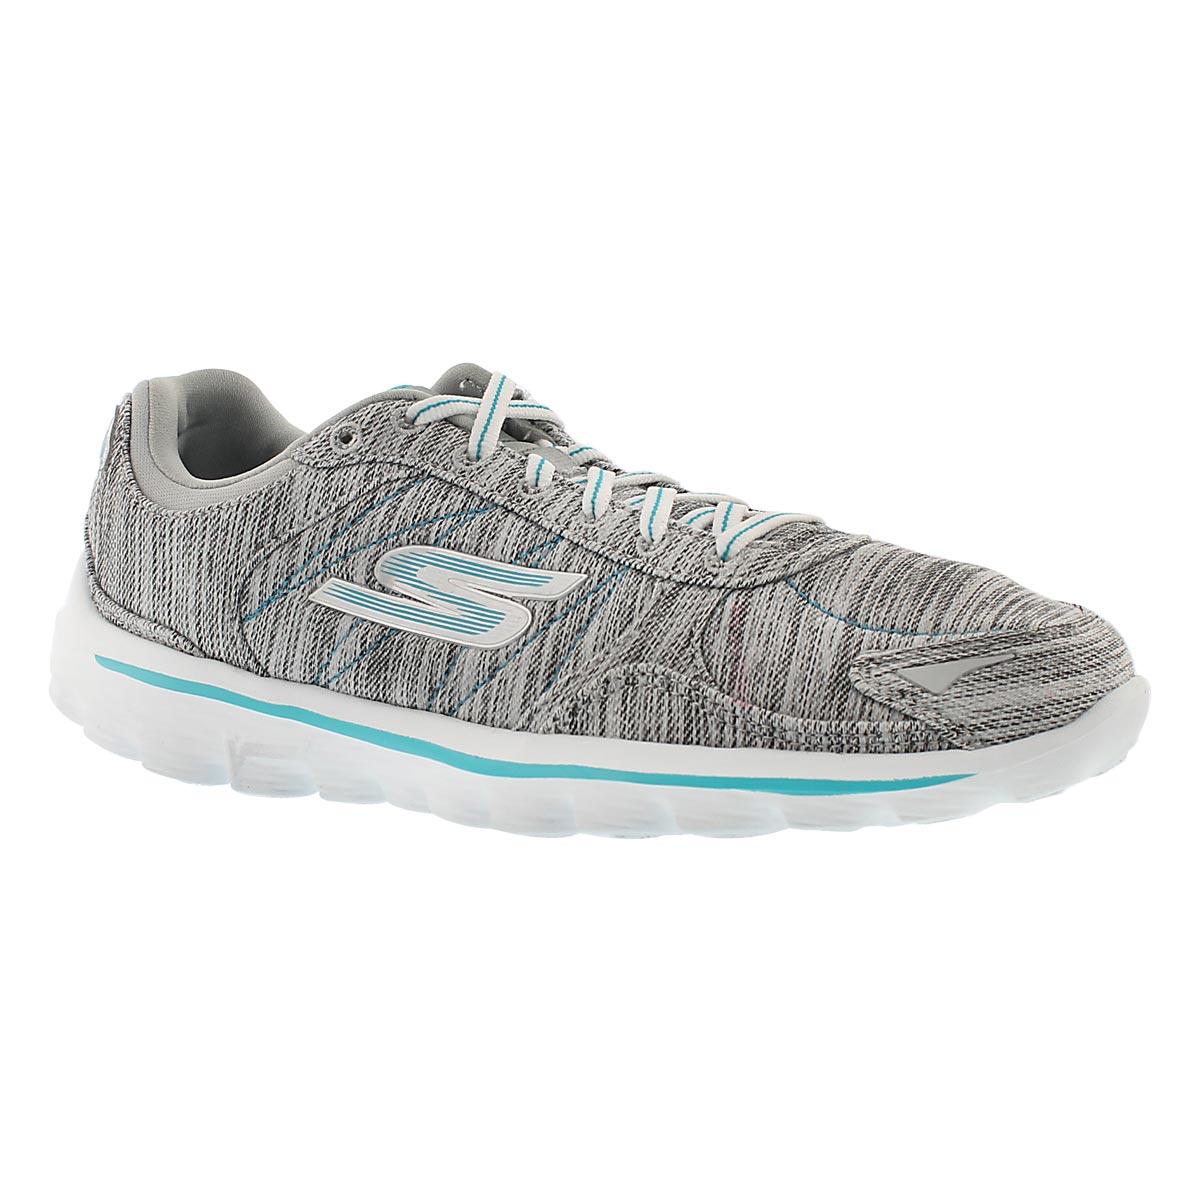 Lds GOwalk 2- Flash Linear gry sneaker